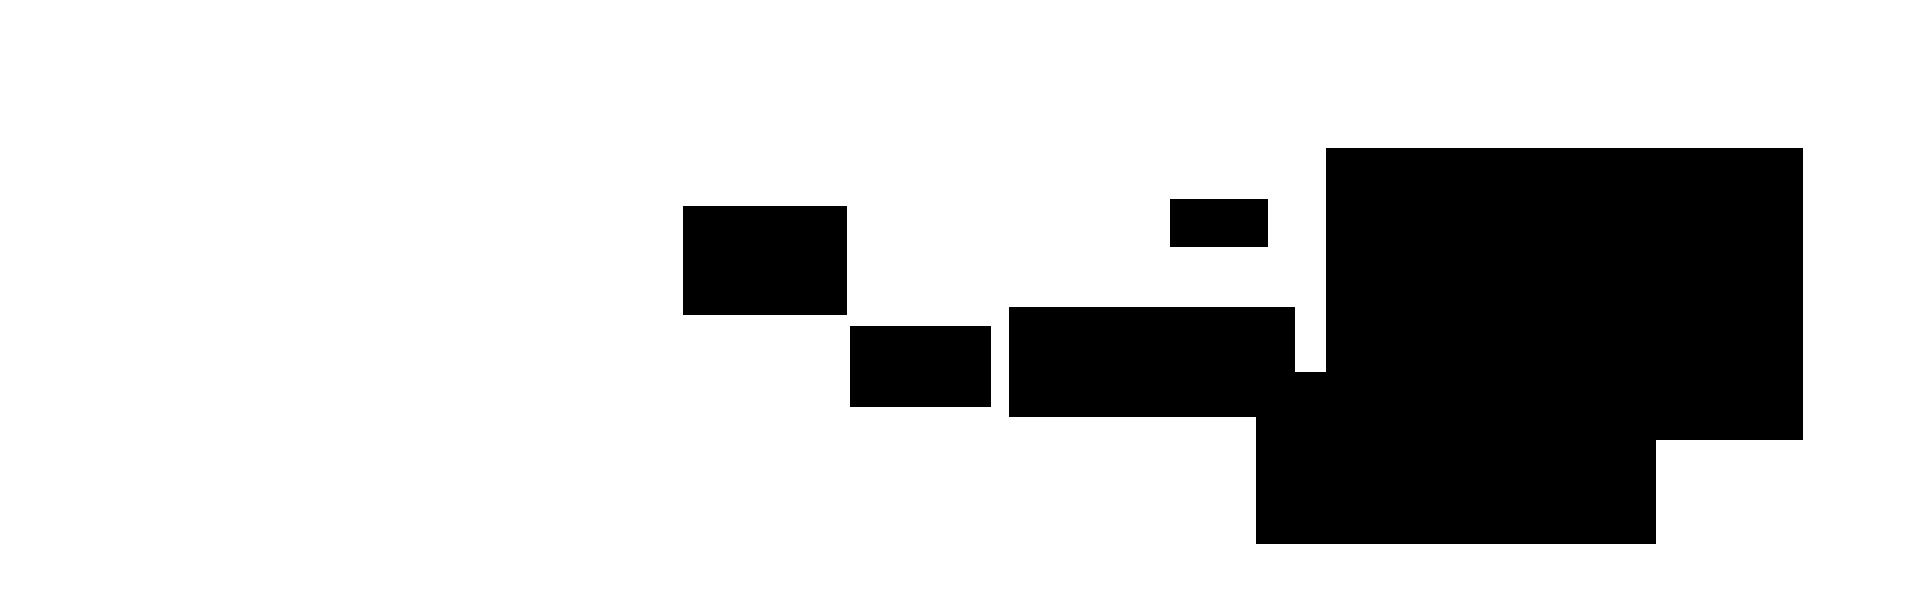 murcielagos png